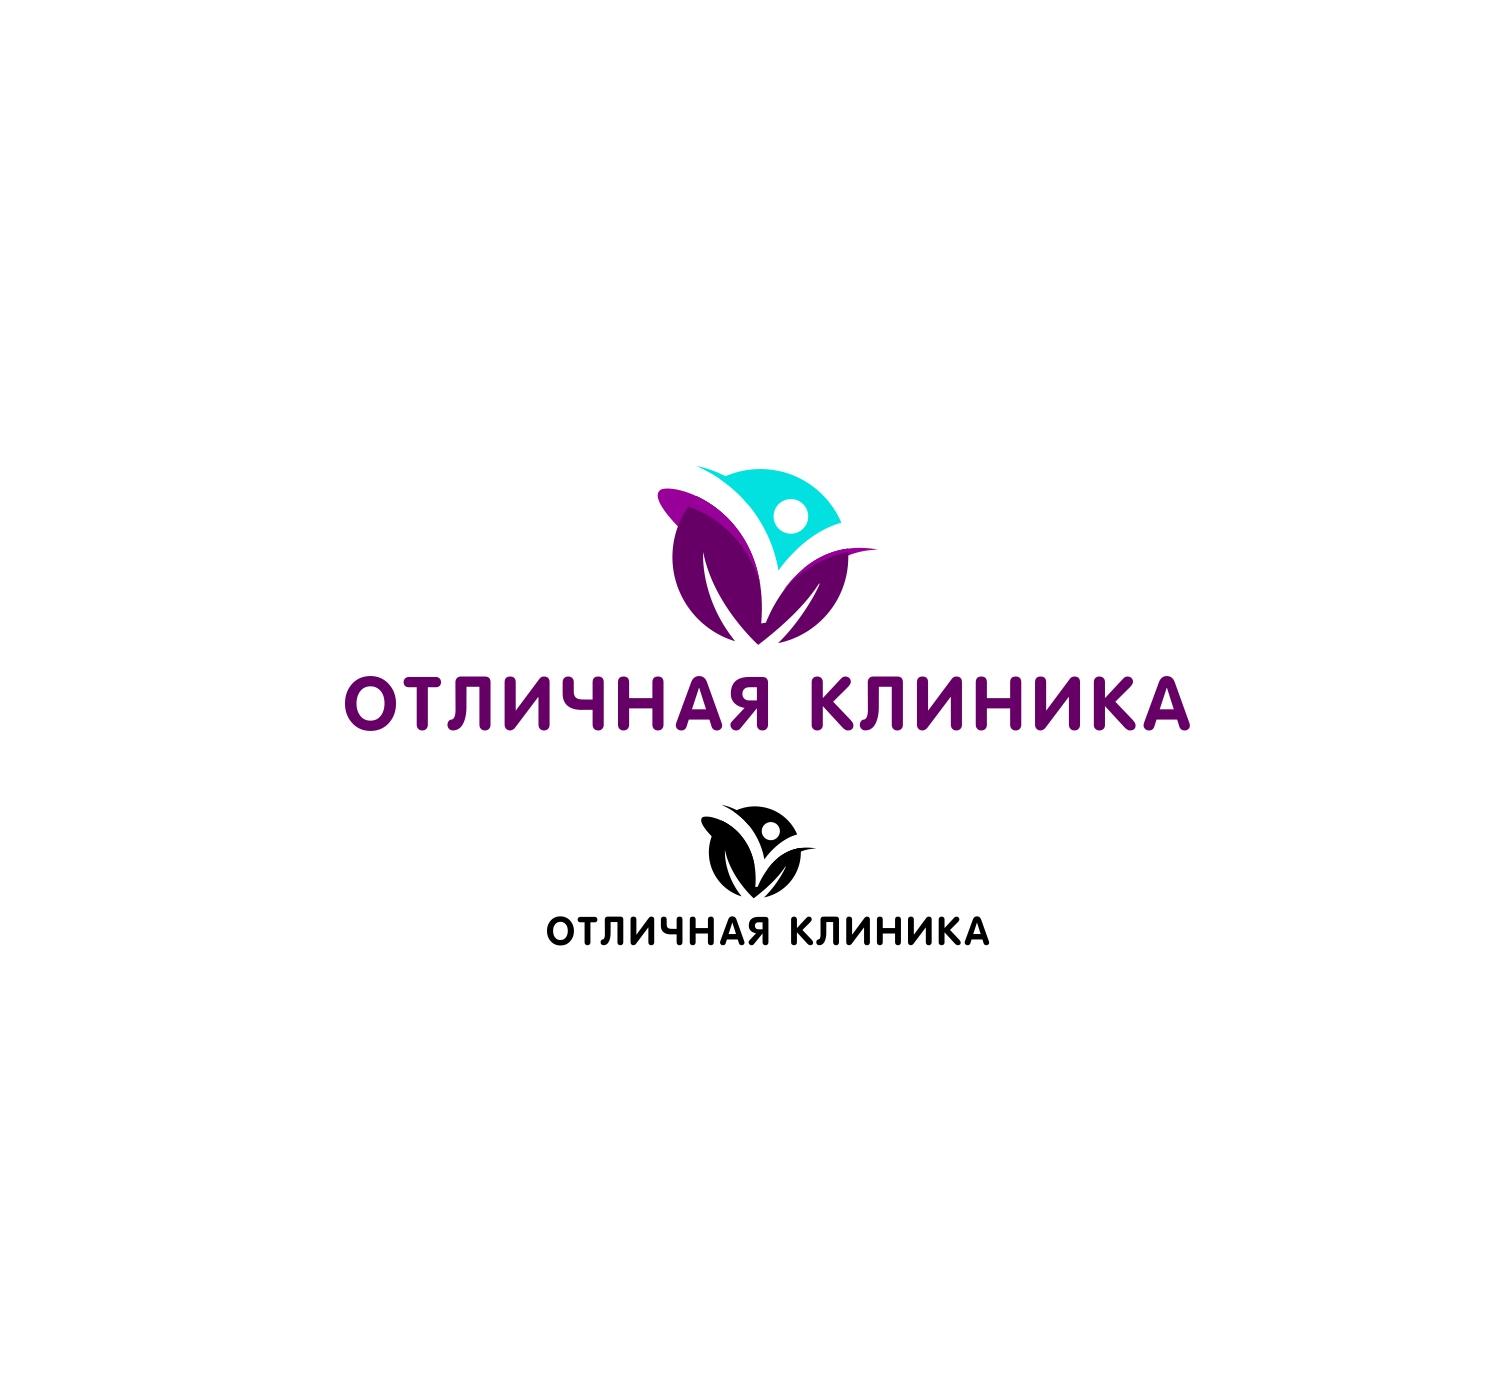 Логотип и фирменный стиль частной клиники фото f_1575c877b511f6d2.jpg